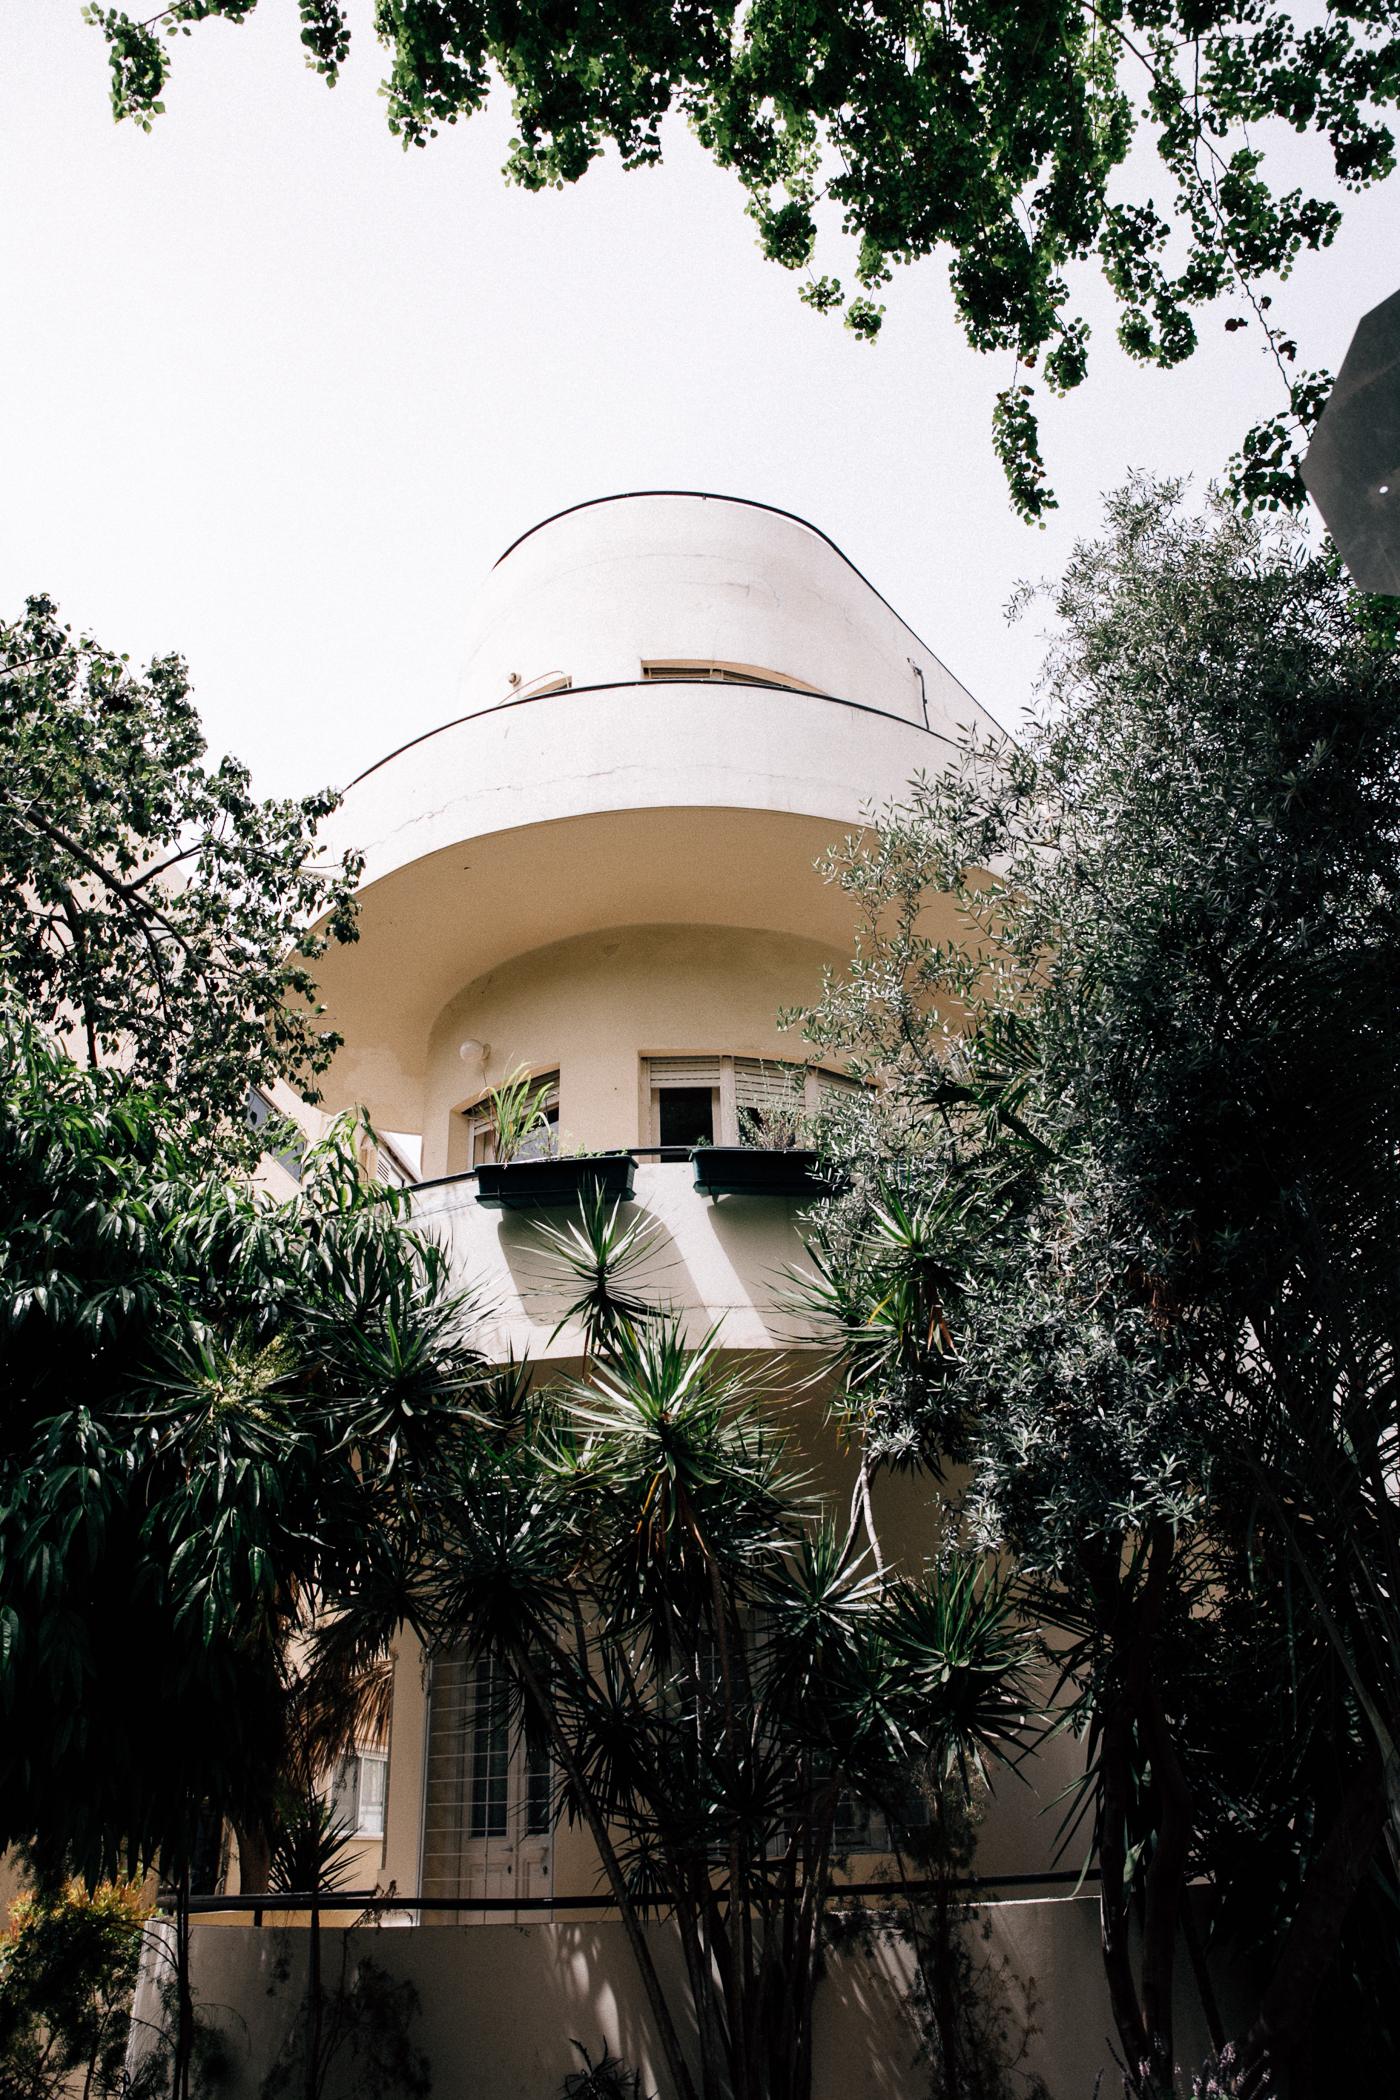 Tel Aviv Bauhaus open museum, Bauhaus walking tour - Bikinis & Passports